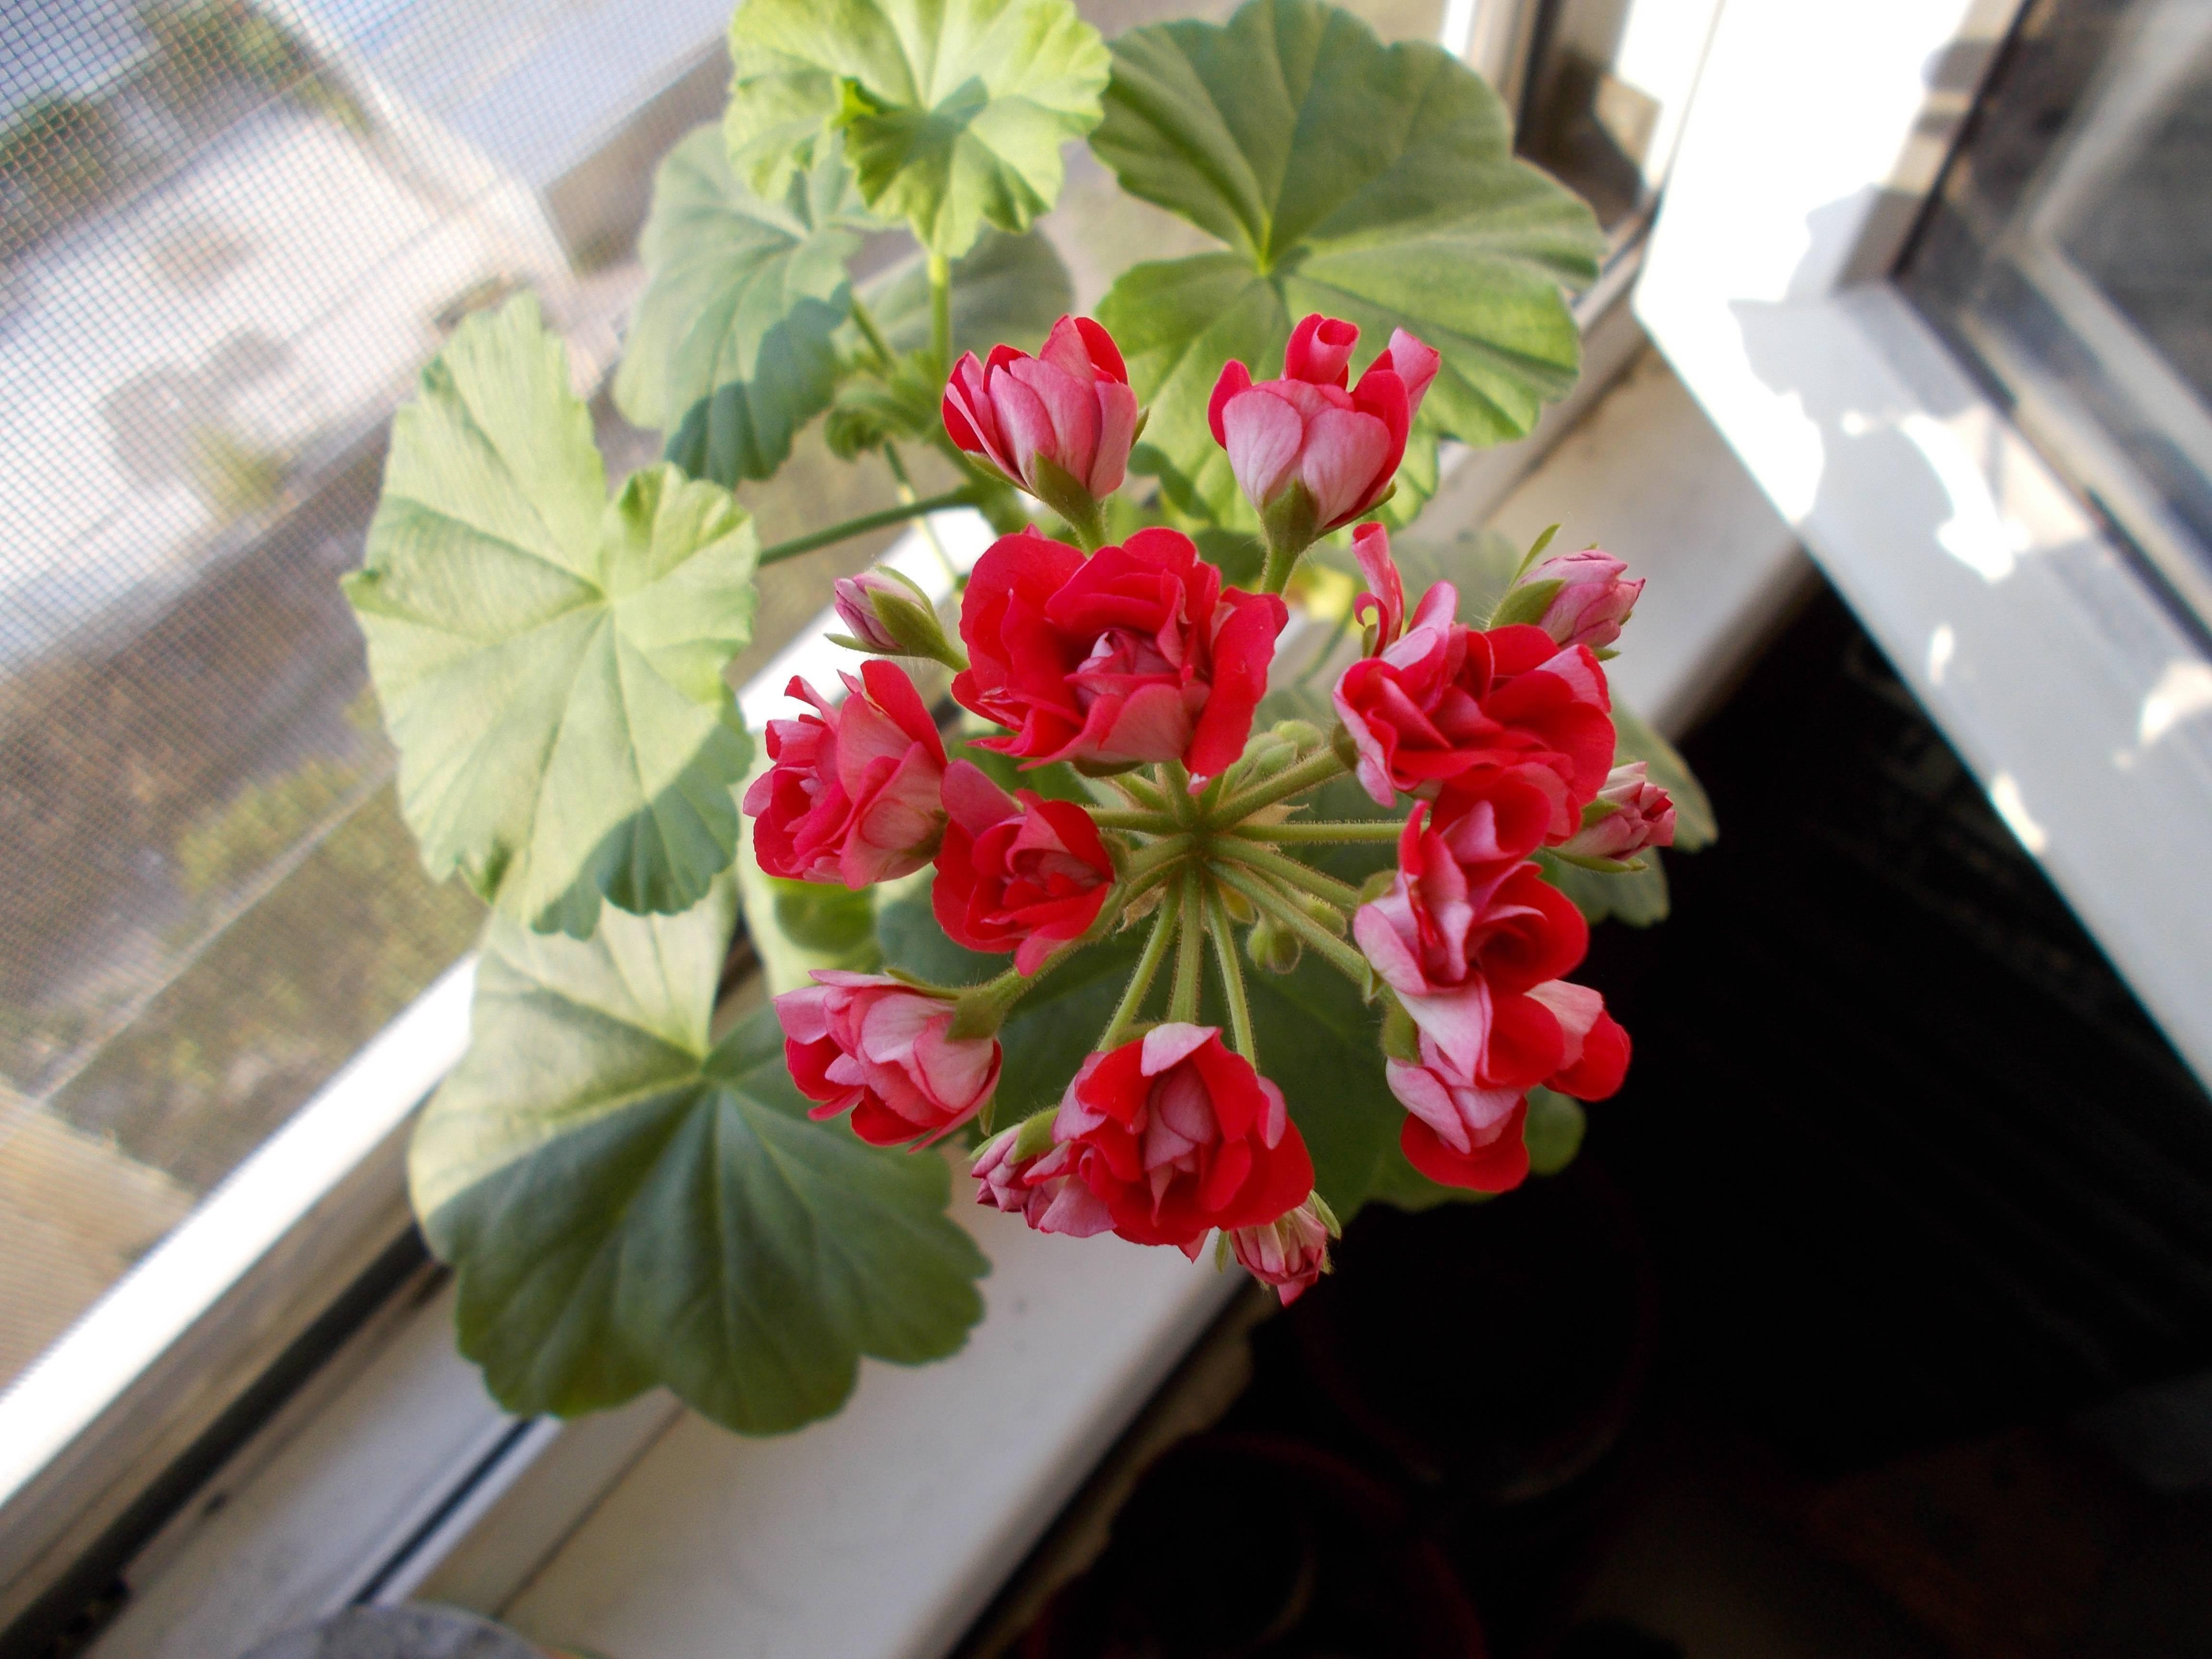 Особенности выращивания герани в горшке: как ухаживать в домашних условиях, чтобы цвела?